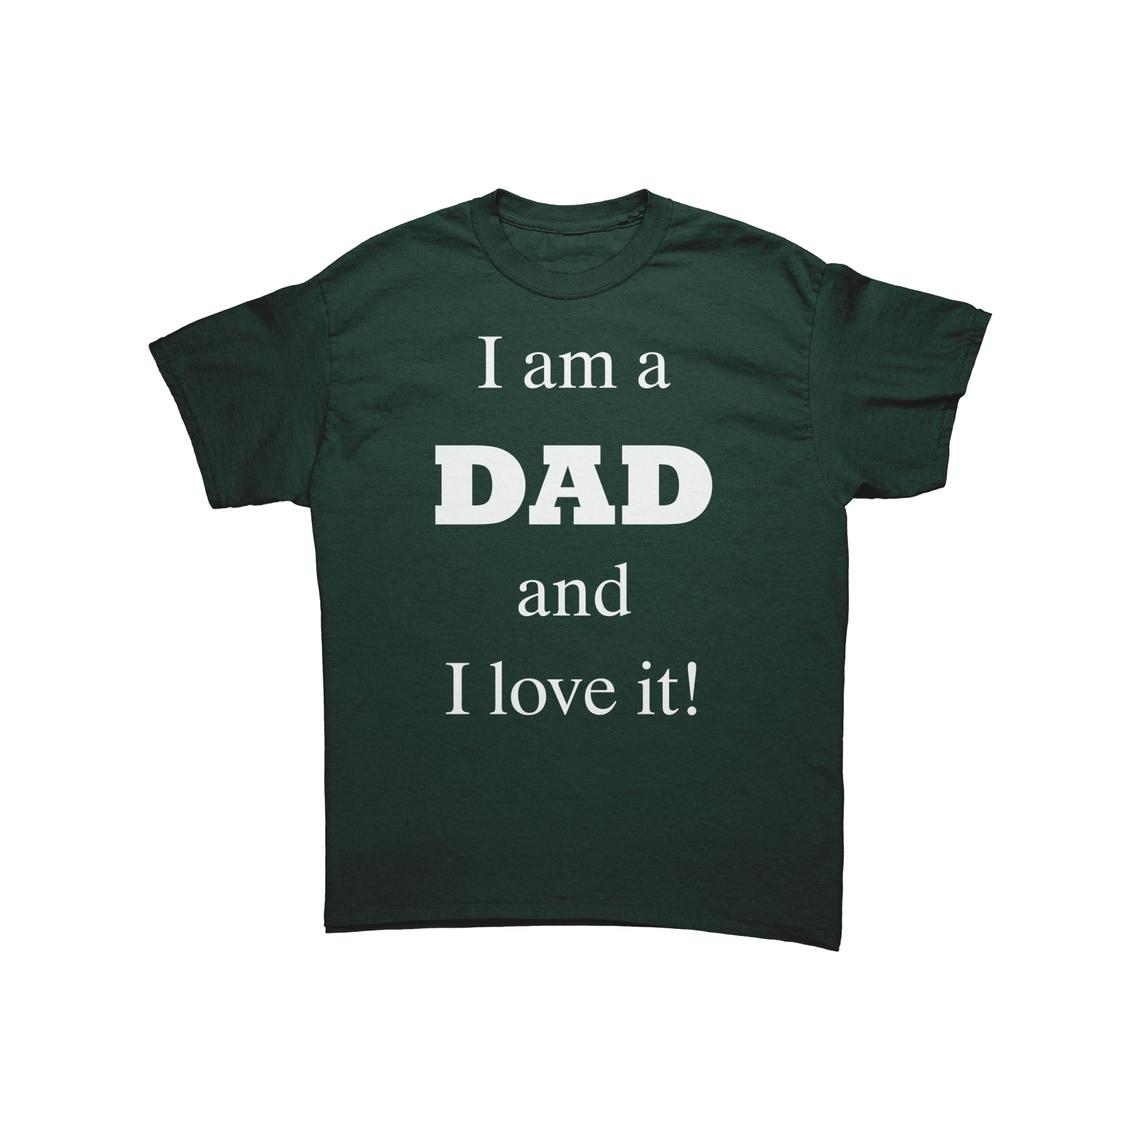 http://Love%20Being%20Dad%20Dark%20T-Shirt